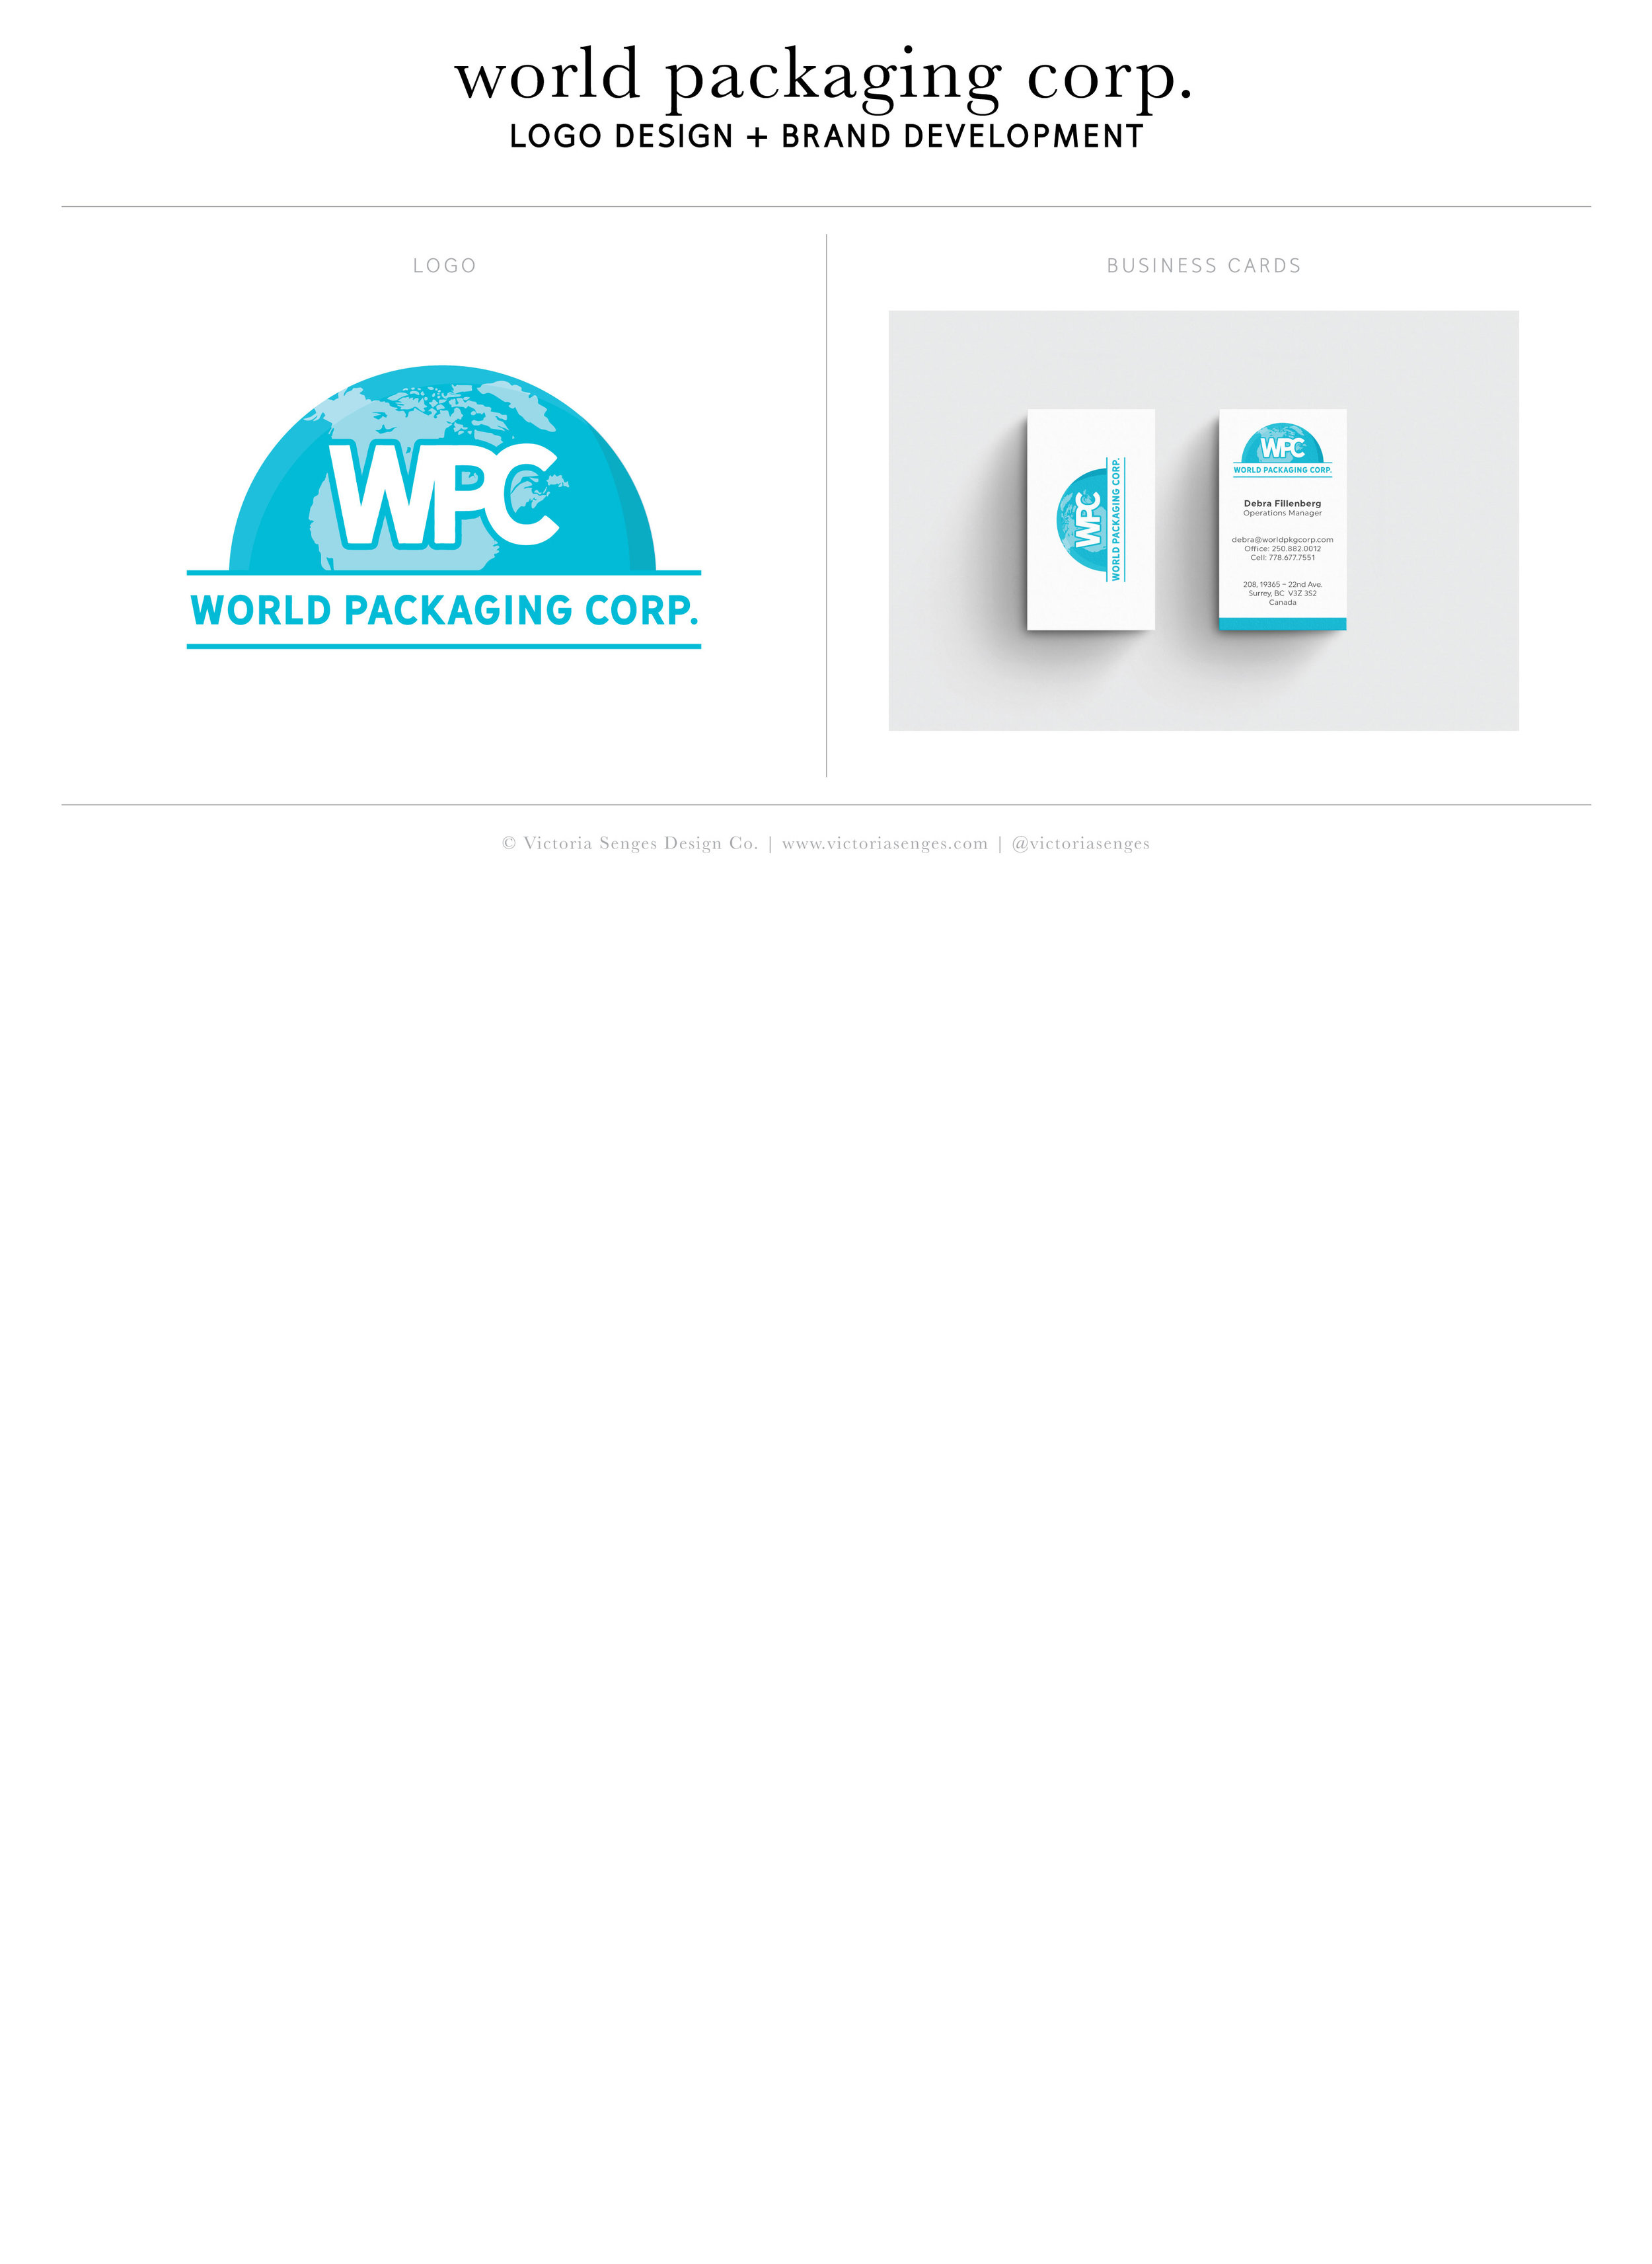 wpc-branding.jpg